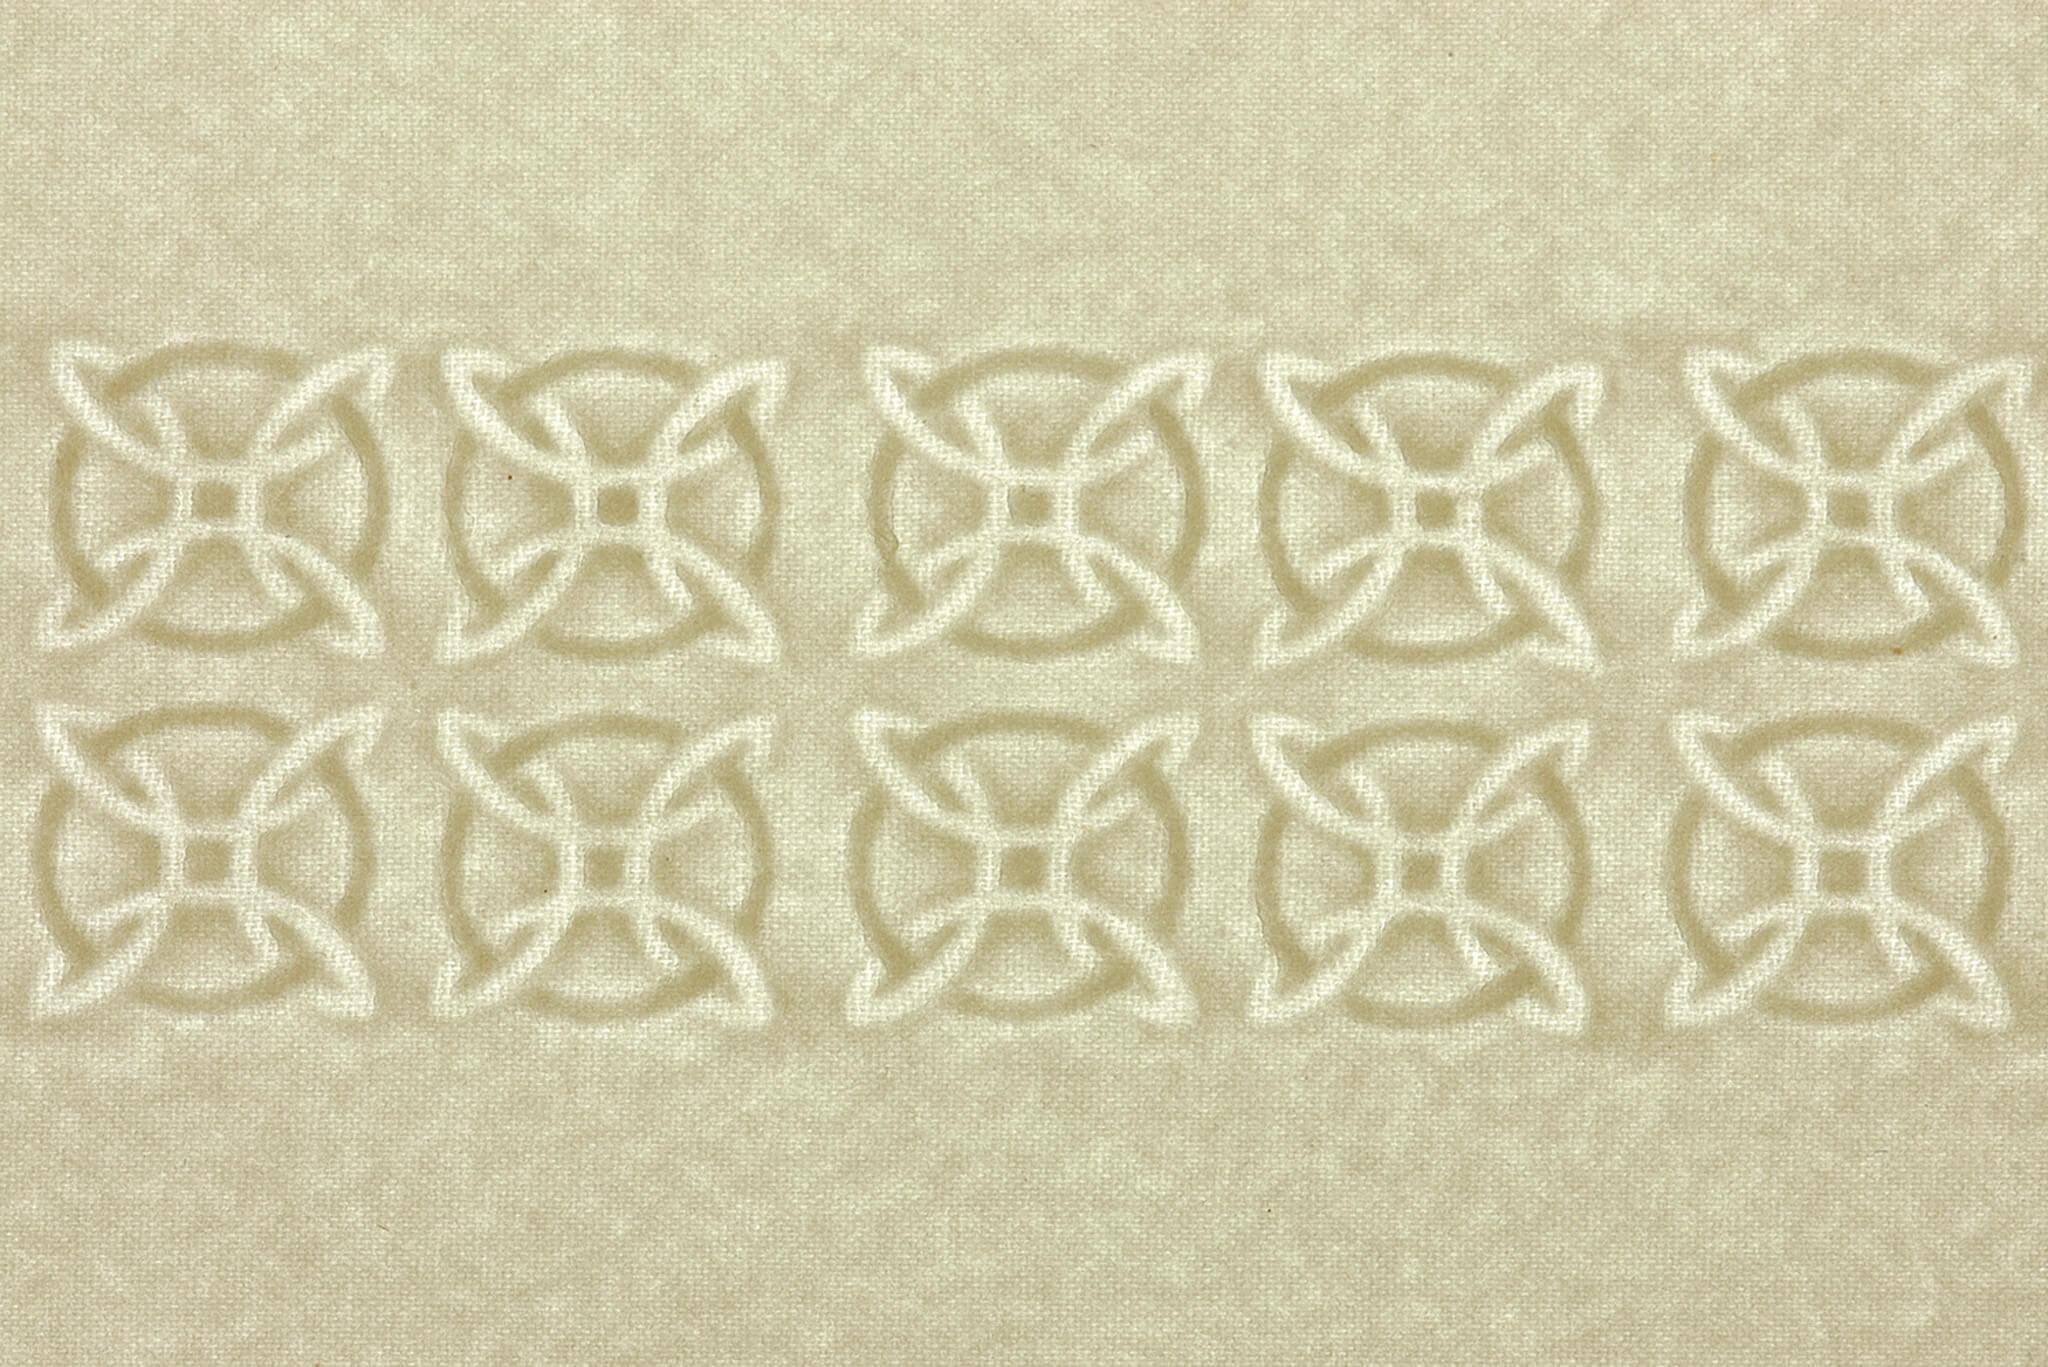 Term paper custom watermarking